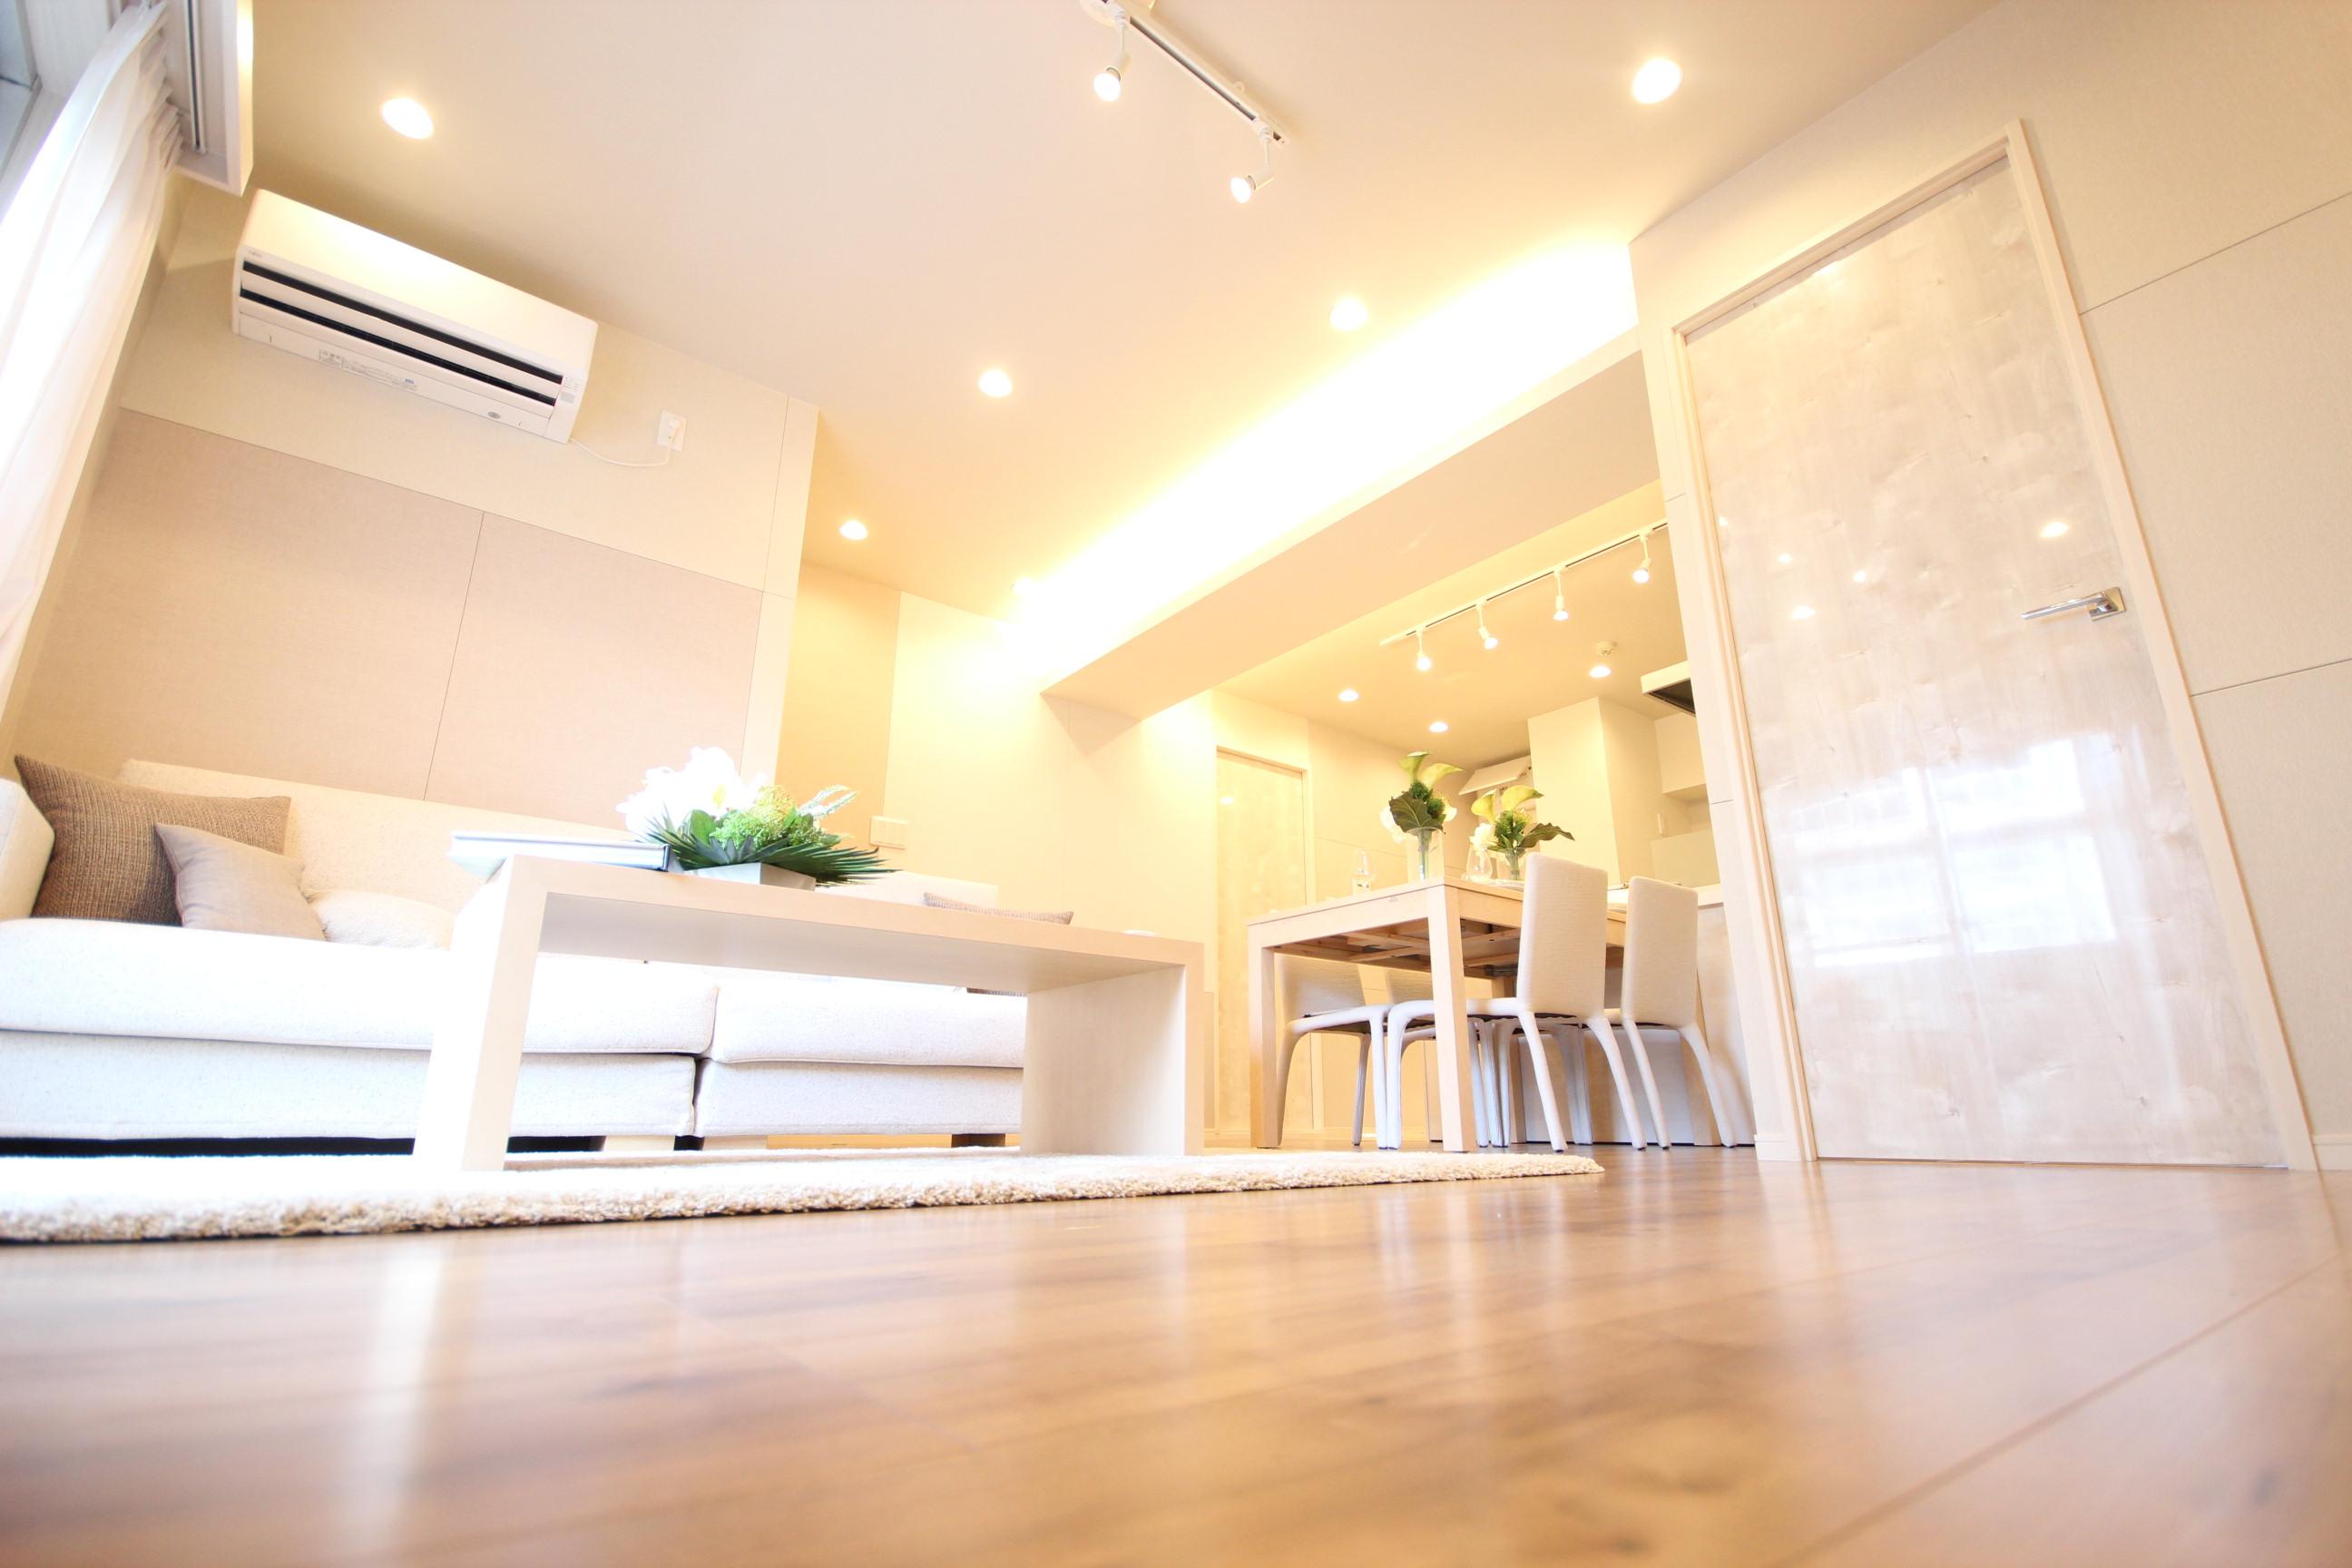 【通勤を考え、横浜から都心へのお住み替え】~当初は賃貸を検討していたが高額な家賃に驚き。東宝ハウス品川の『支払い例』提示が購入の決め手でした~